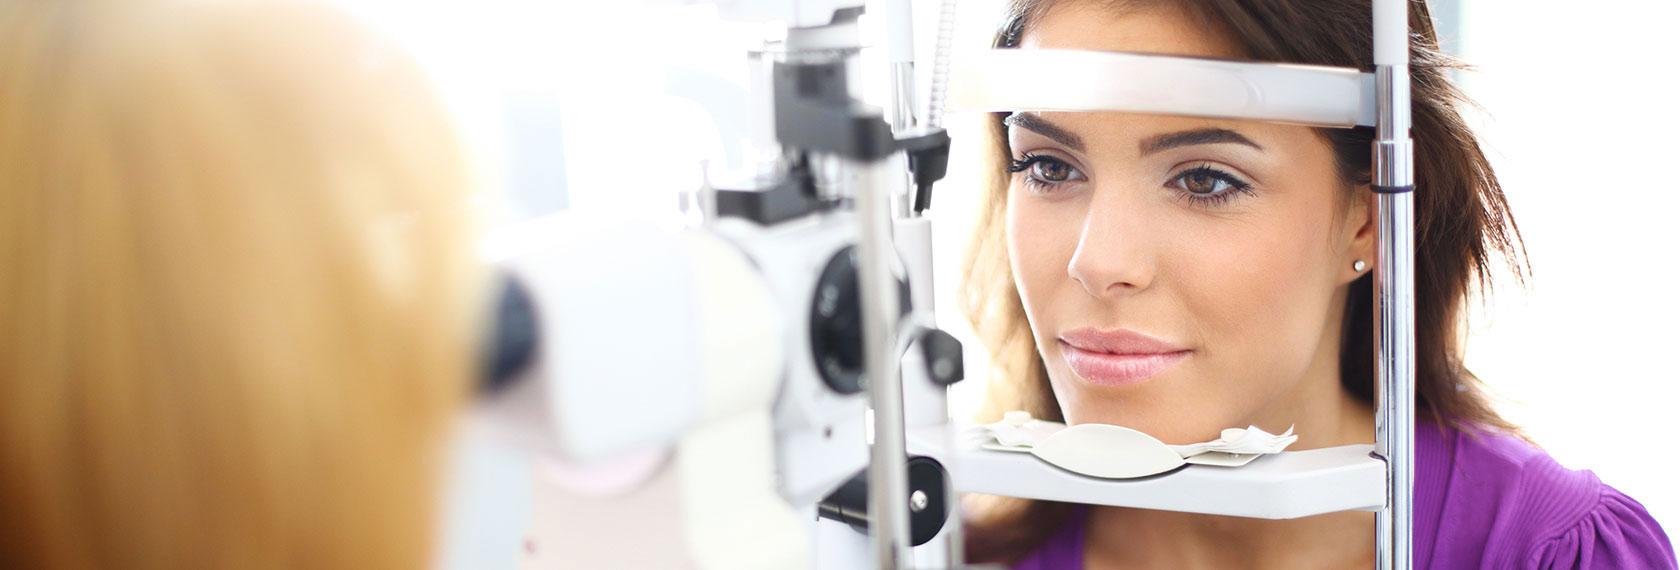 Ögonläkare